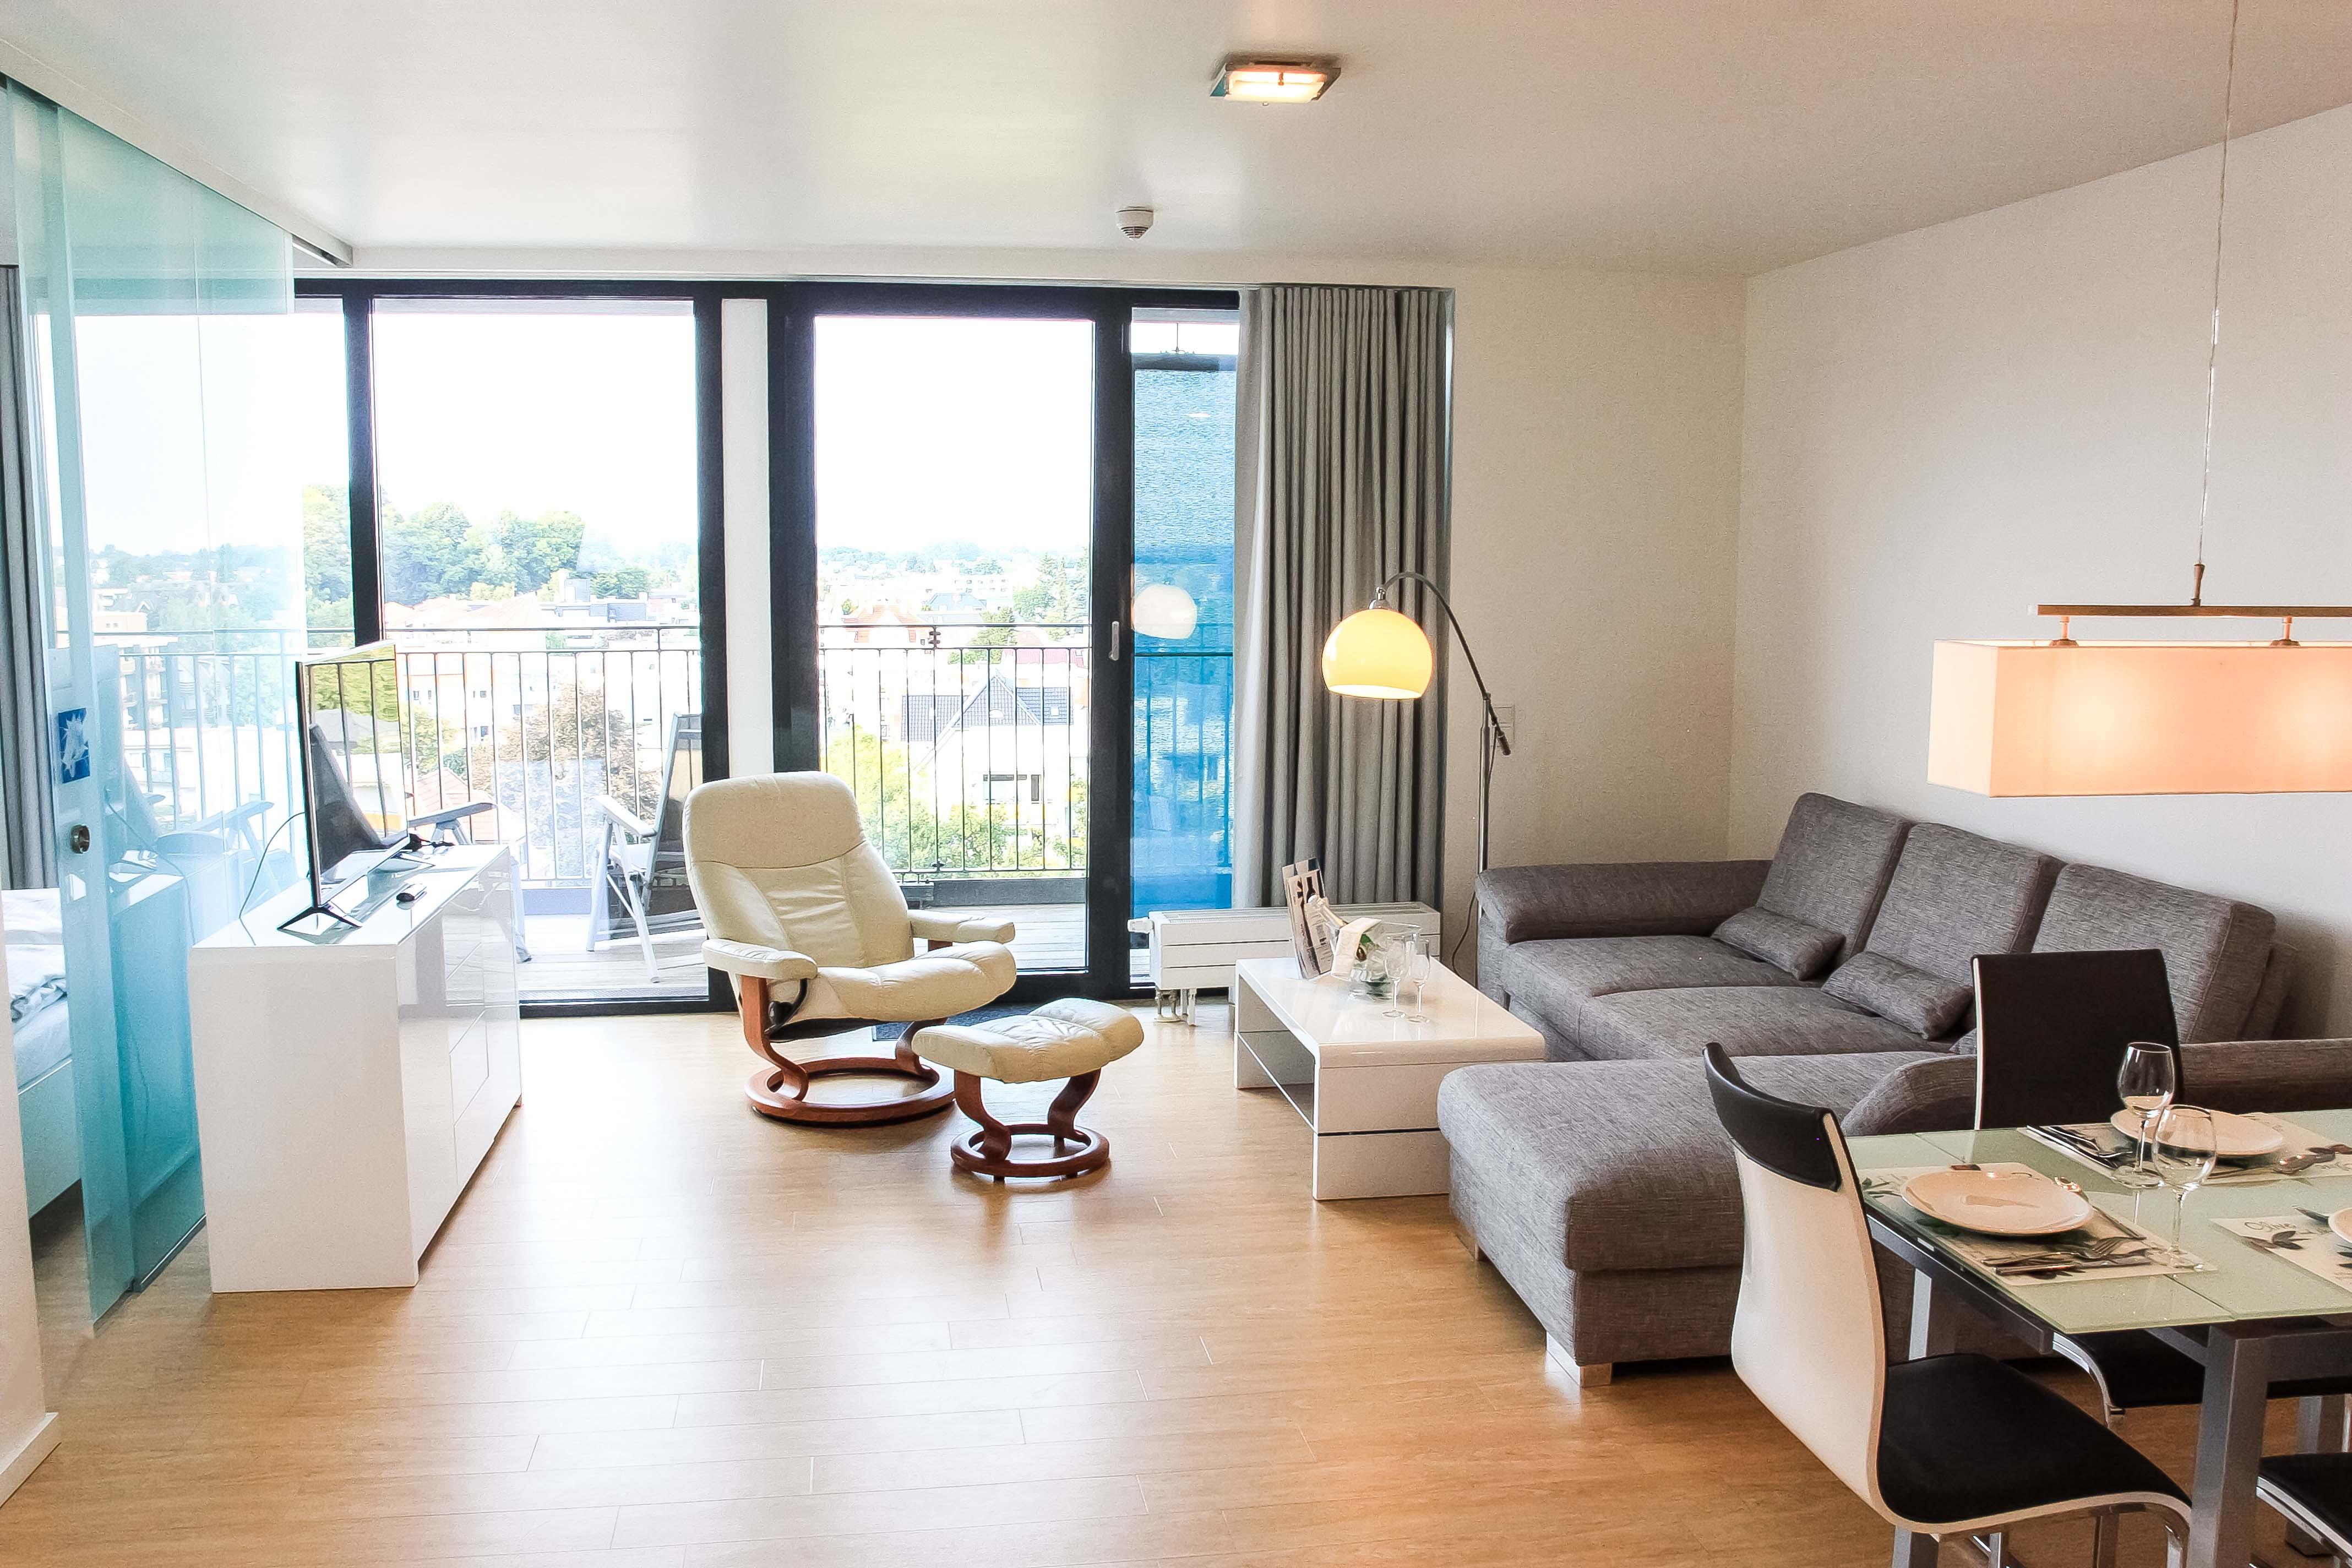 apartments carat residenz. Black Bedroom Furniture Sets. Home Design Ideas